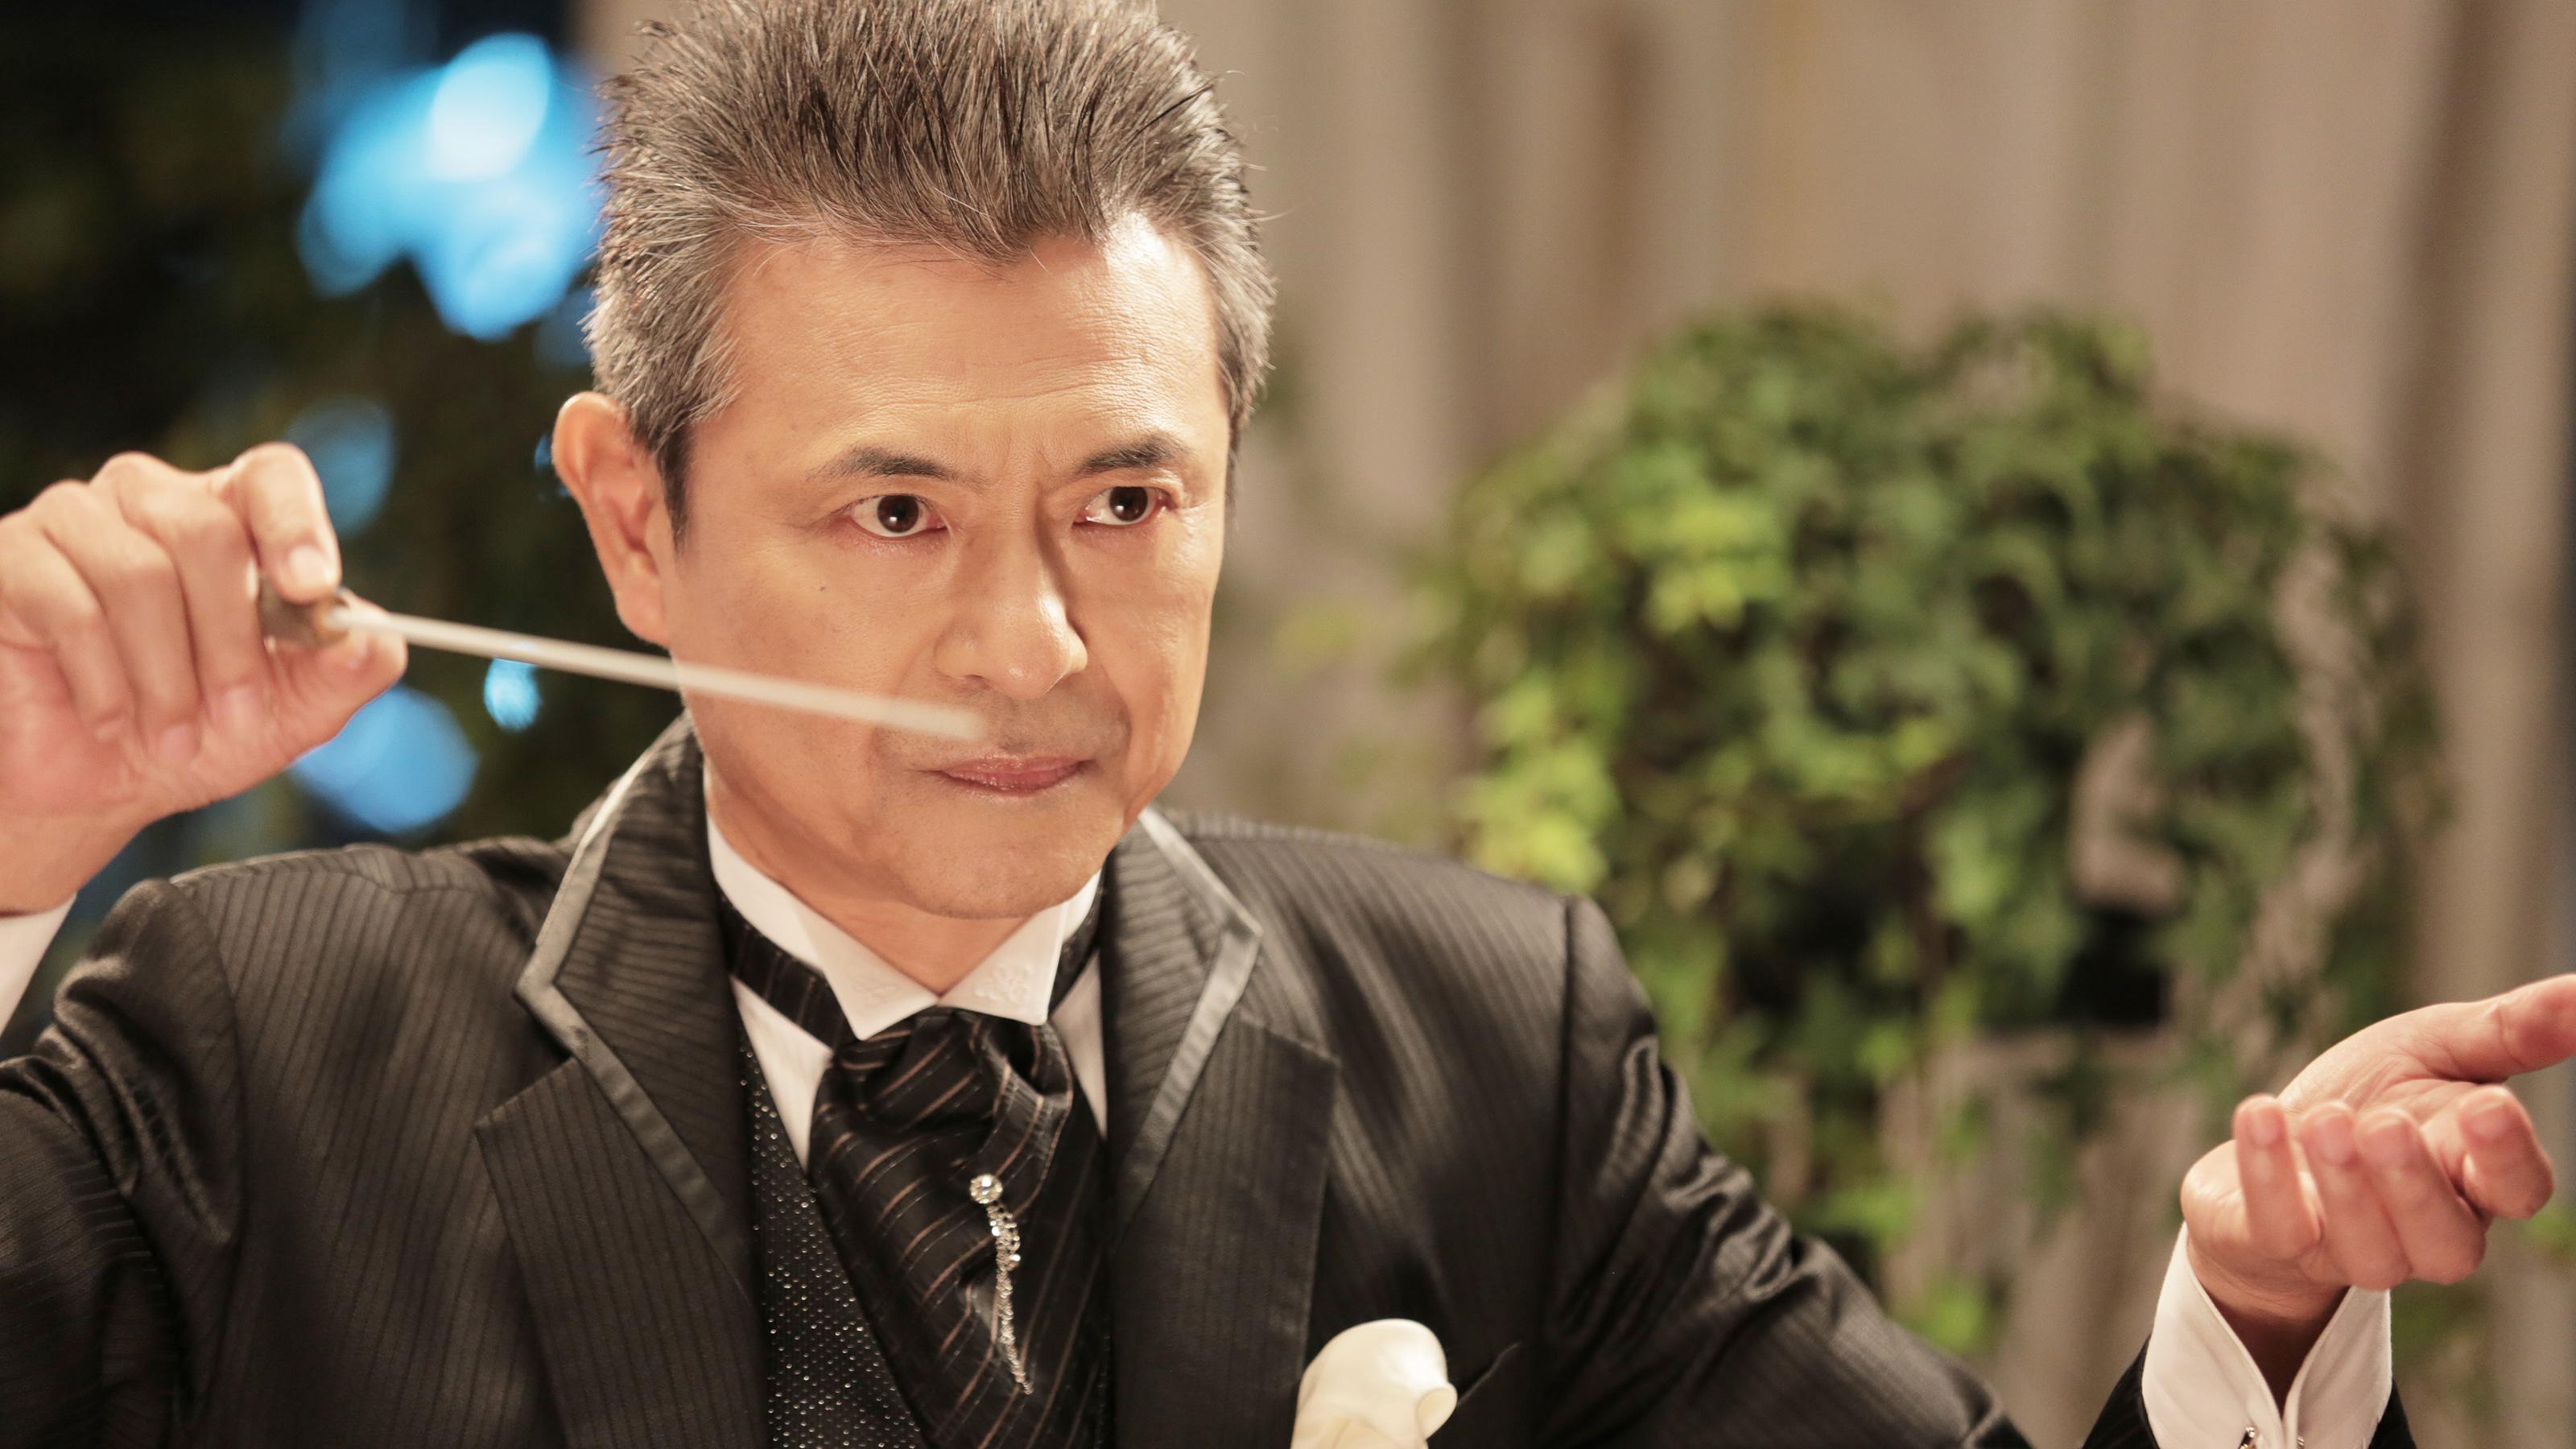 【短編映画】不旋律のソナタ (2015/18min)